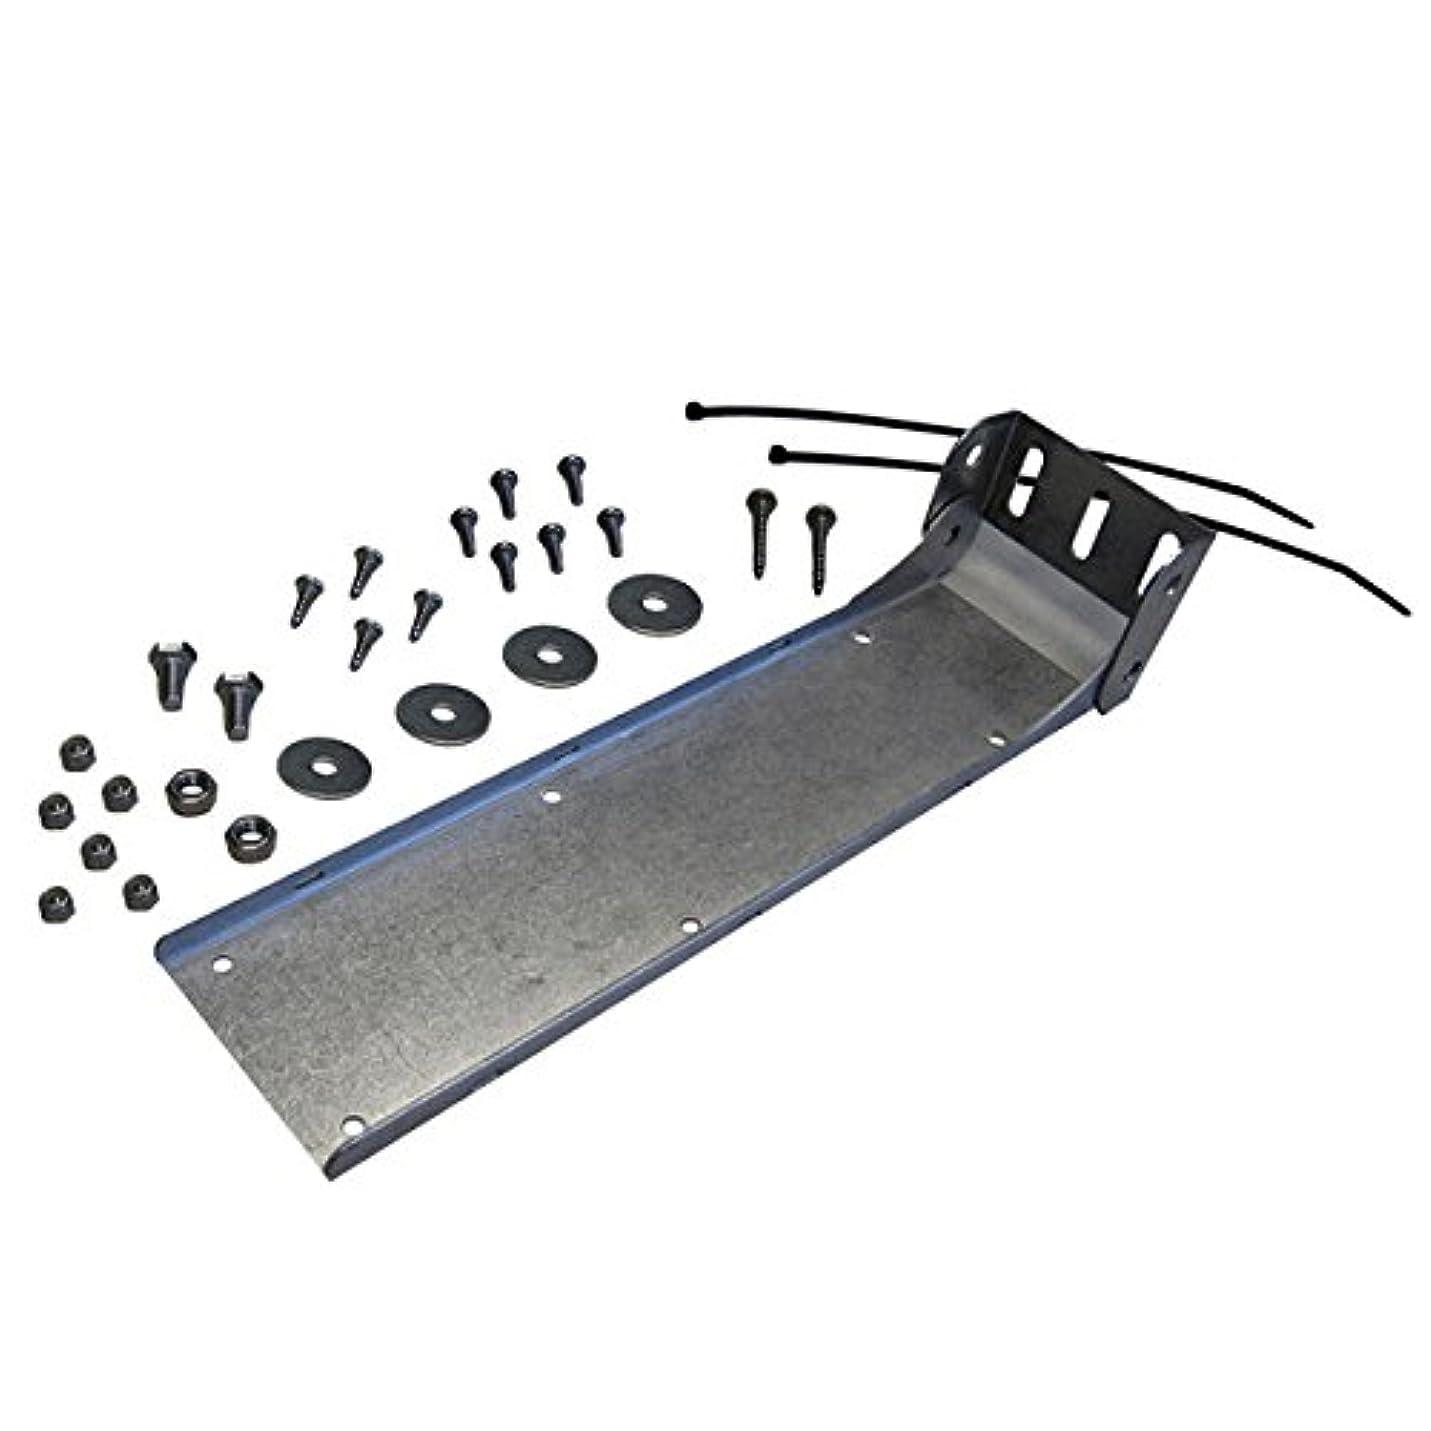 確保する幻滅するレシピLowrance LSS-2 HD Skimmer Transducer Mounting Bracket Only 141[並行輸入]